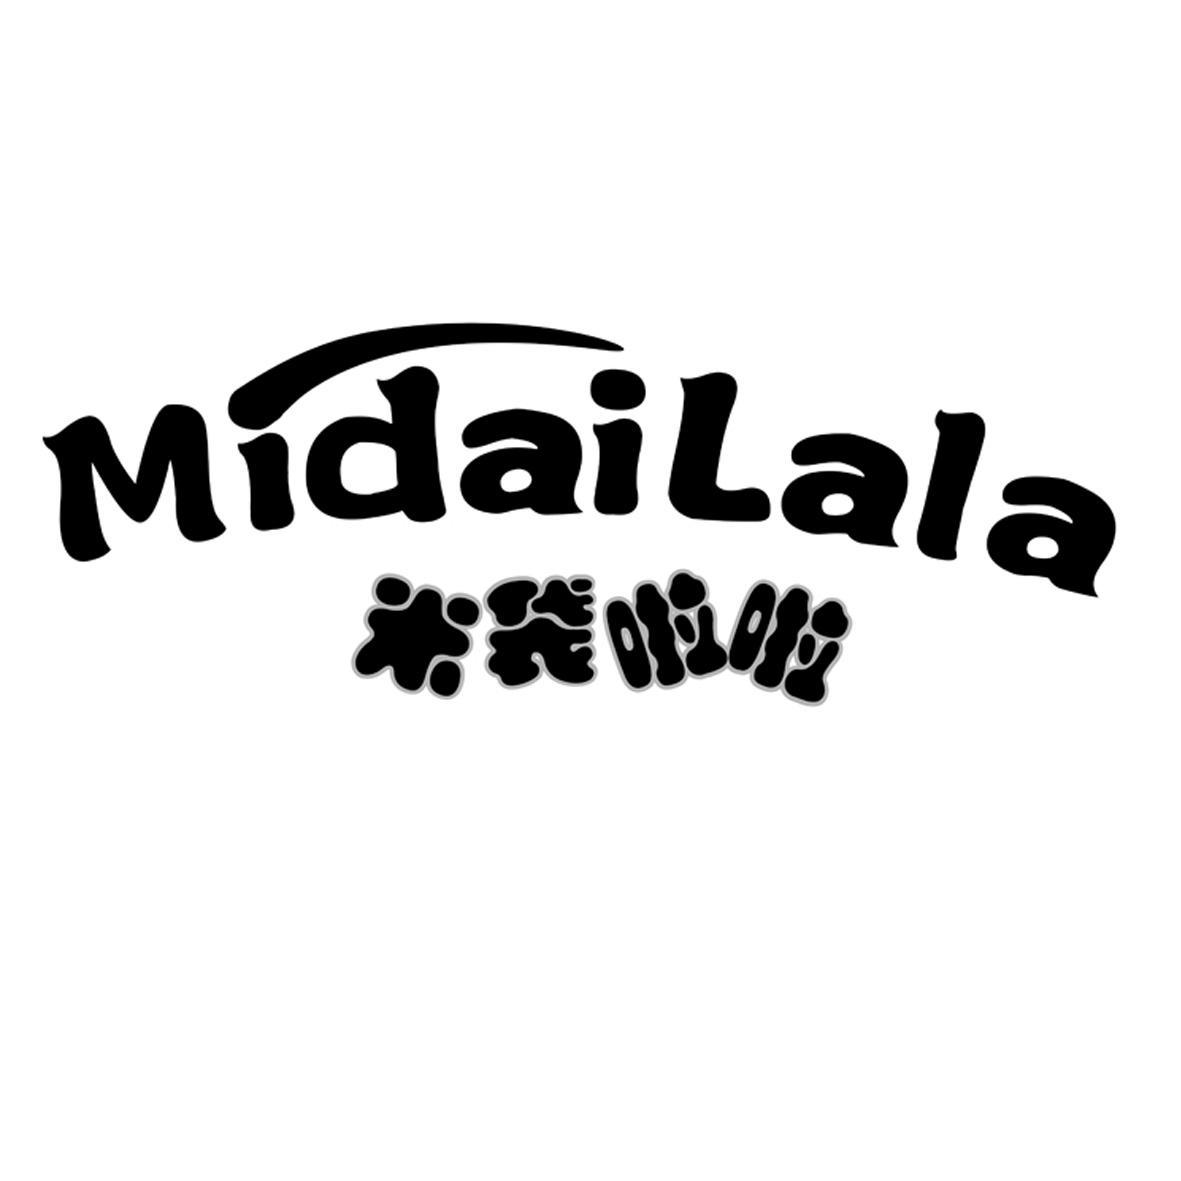 Midailala米袋啦啦